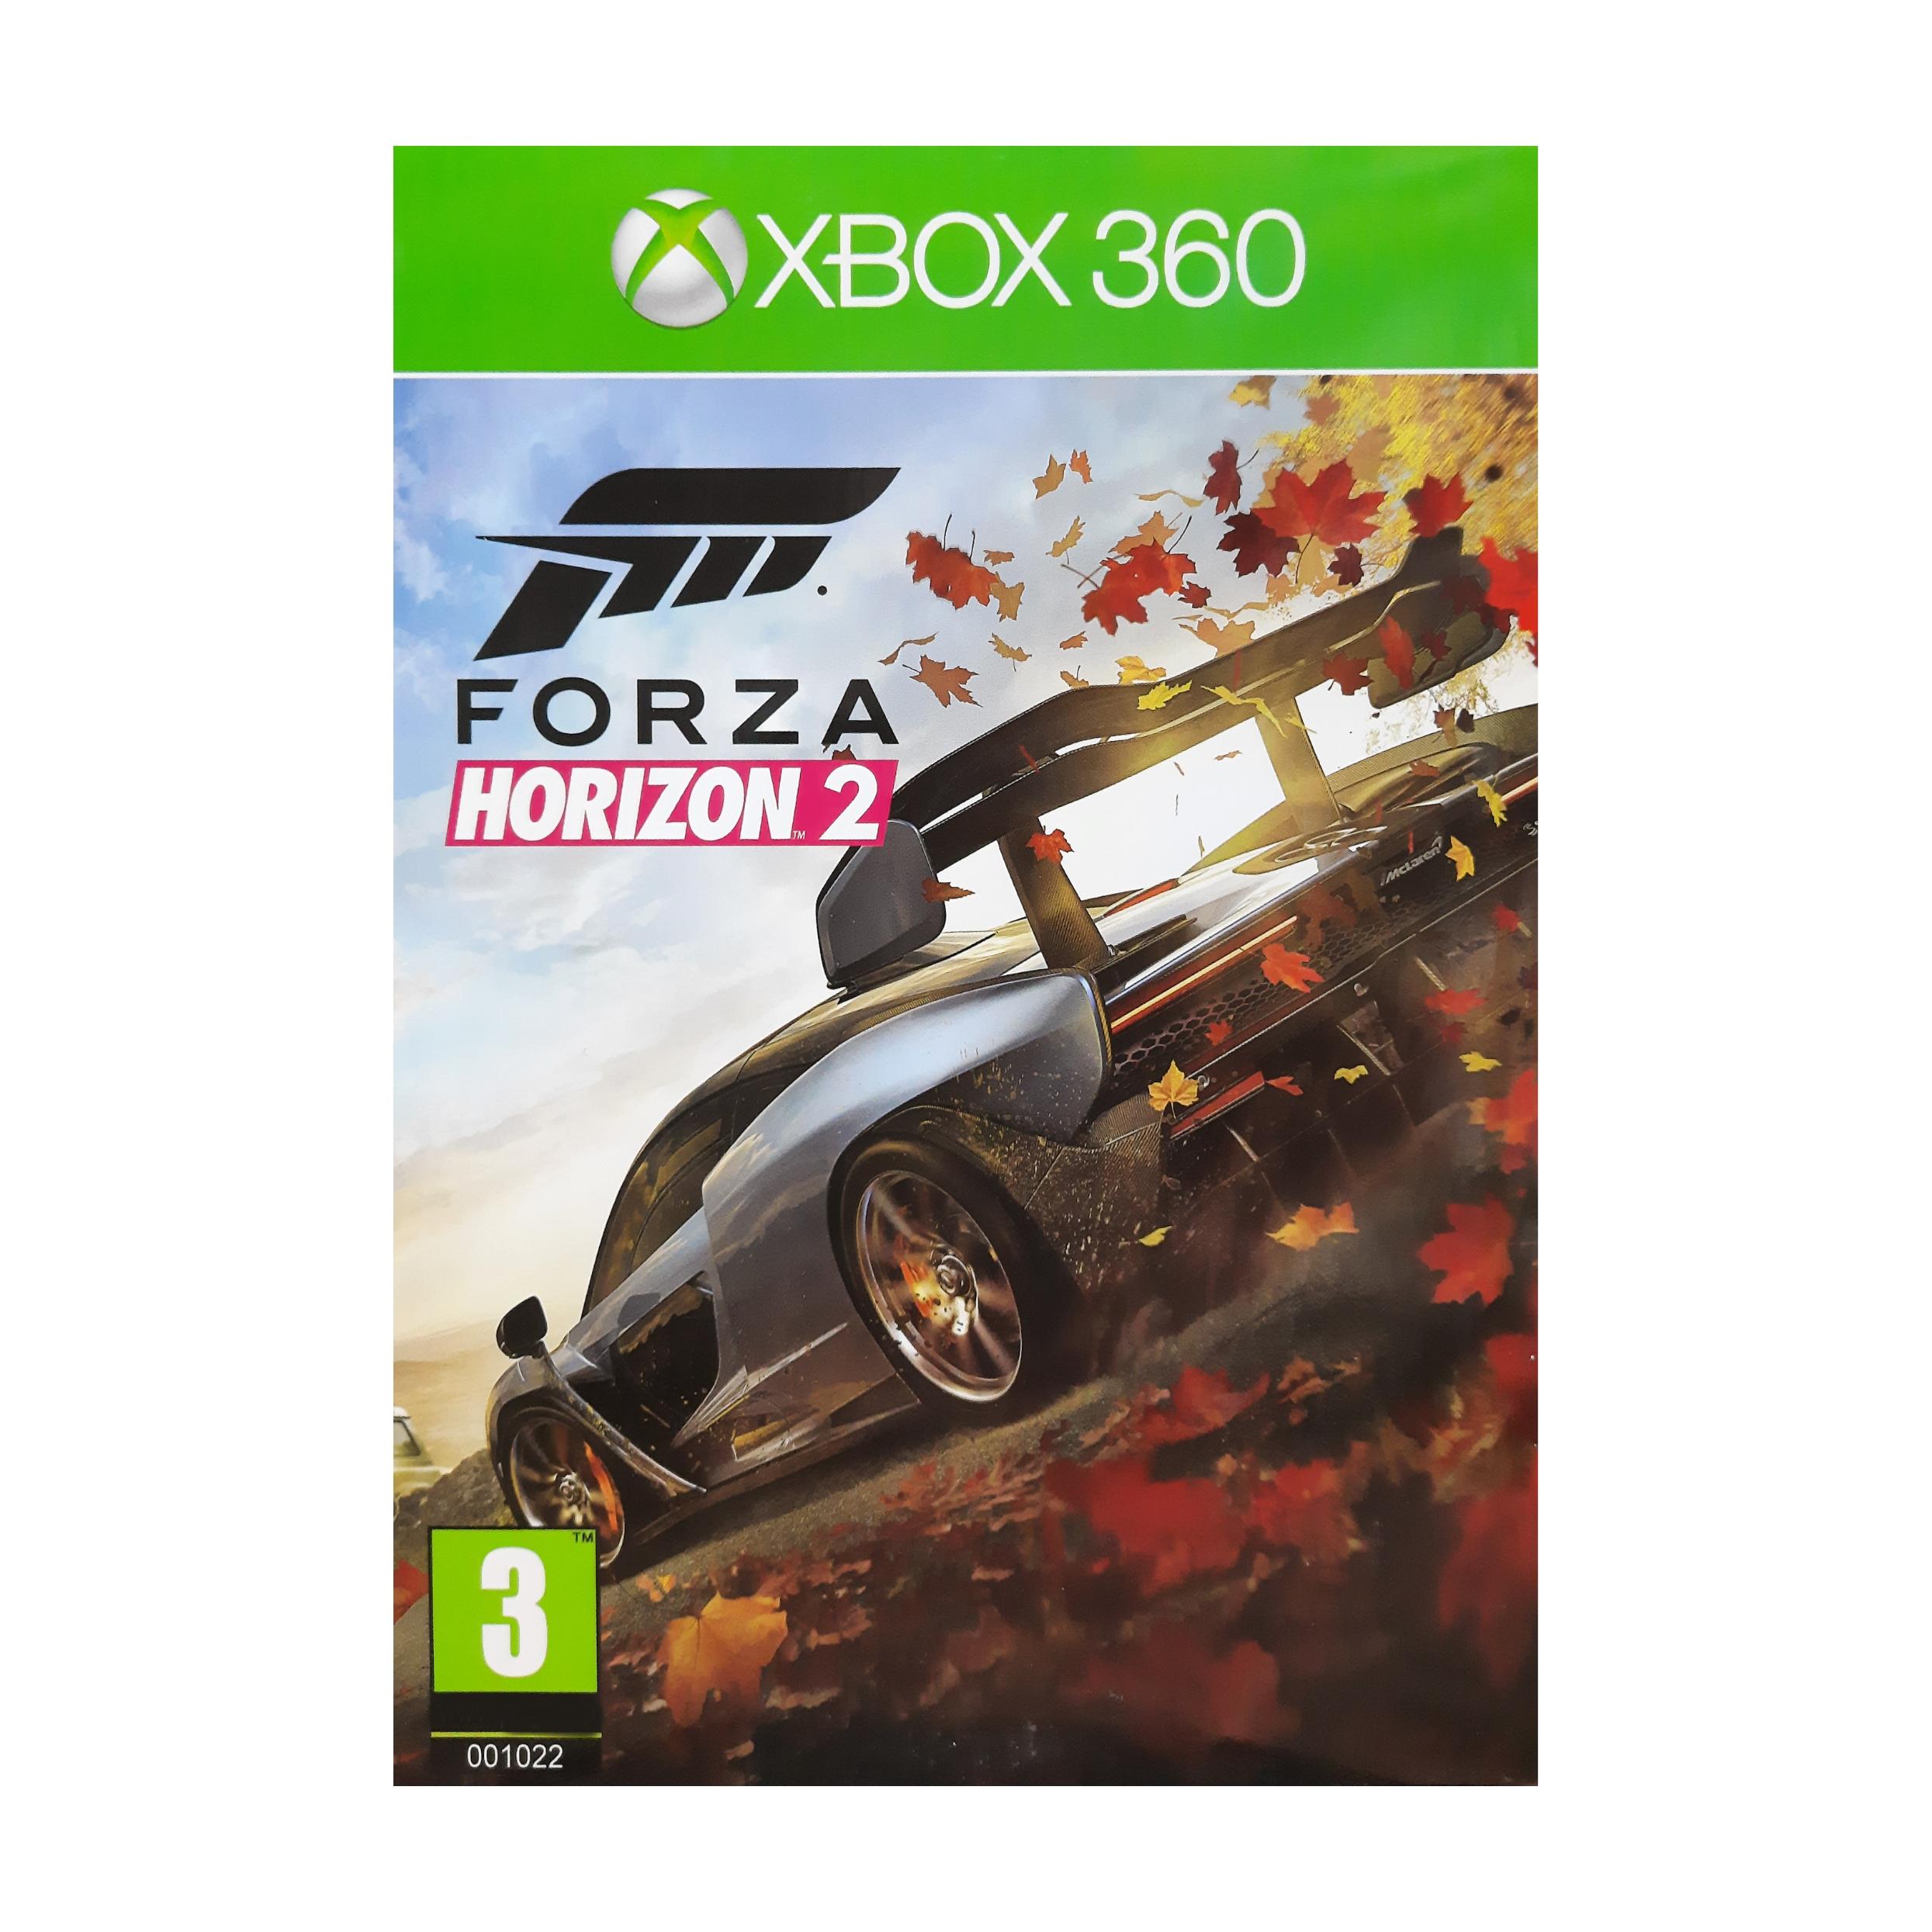 بازی Forza Horizon 2 مخصوص Xbox 360